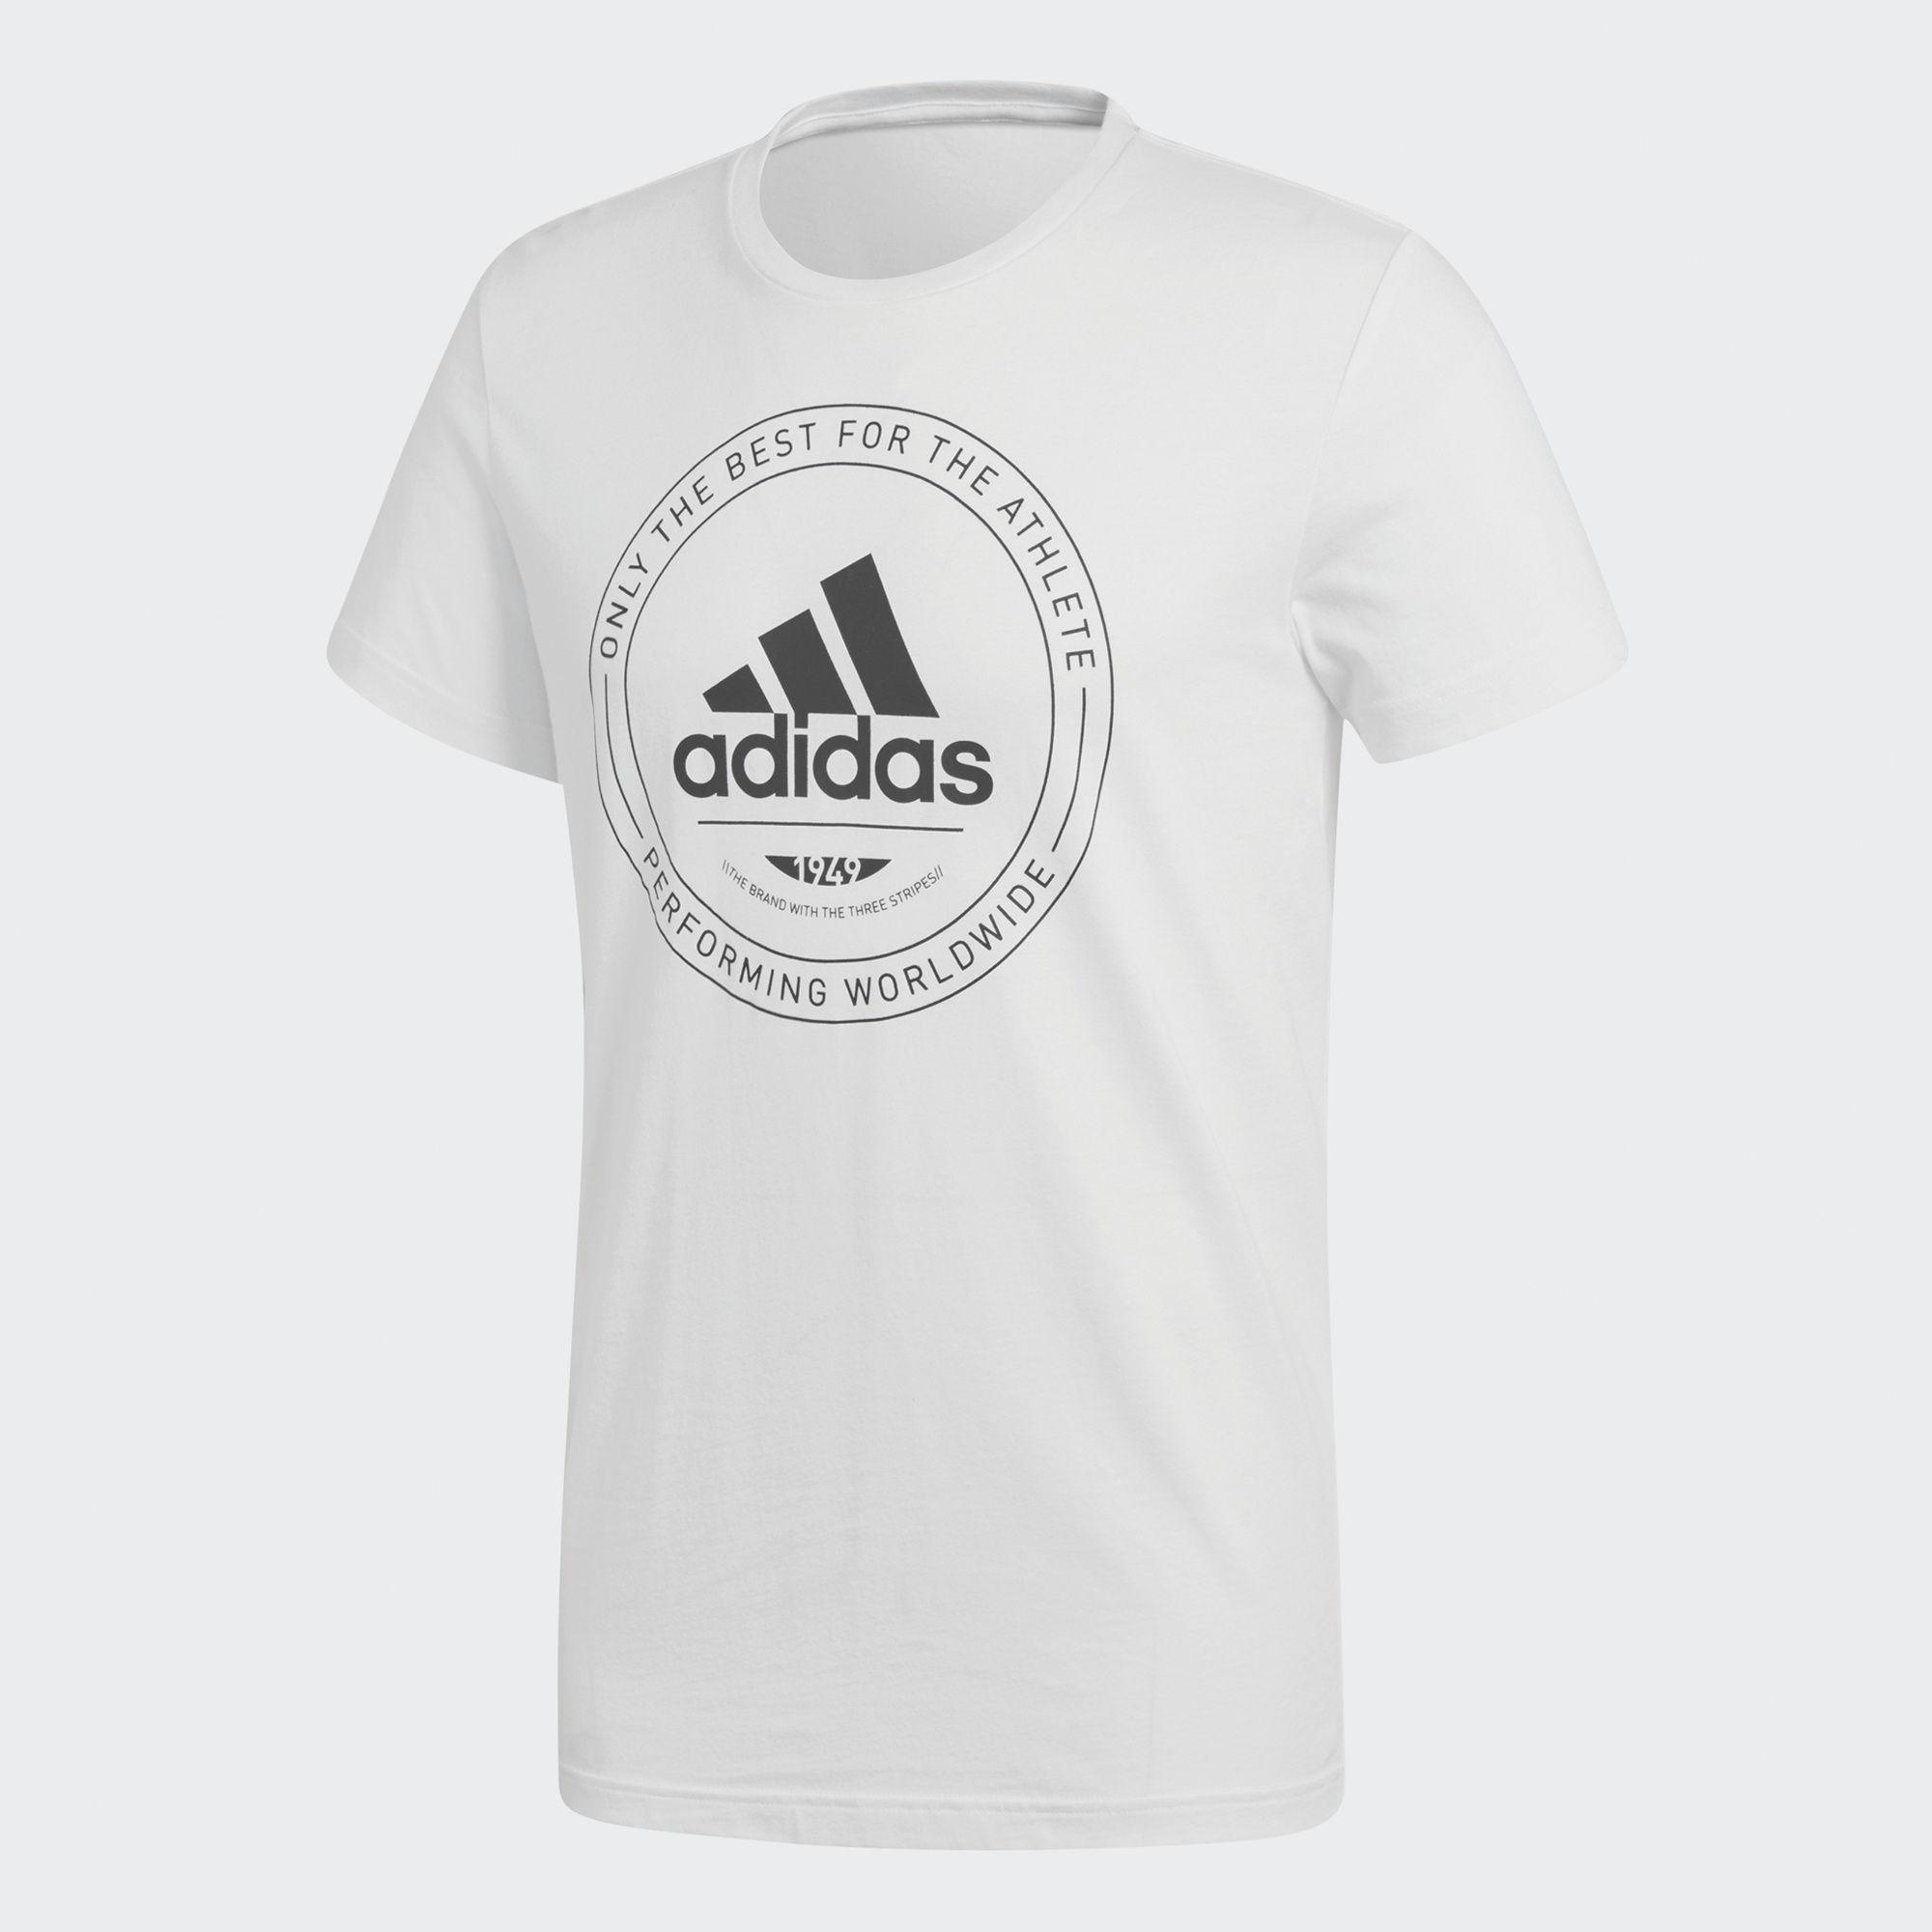 Купить Футболка мужская adidas Adi Emblem, цвет: белый. CV4515. Размер M (48/50)